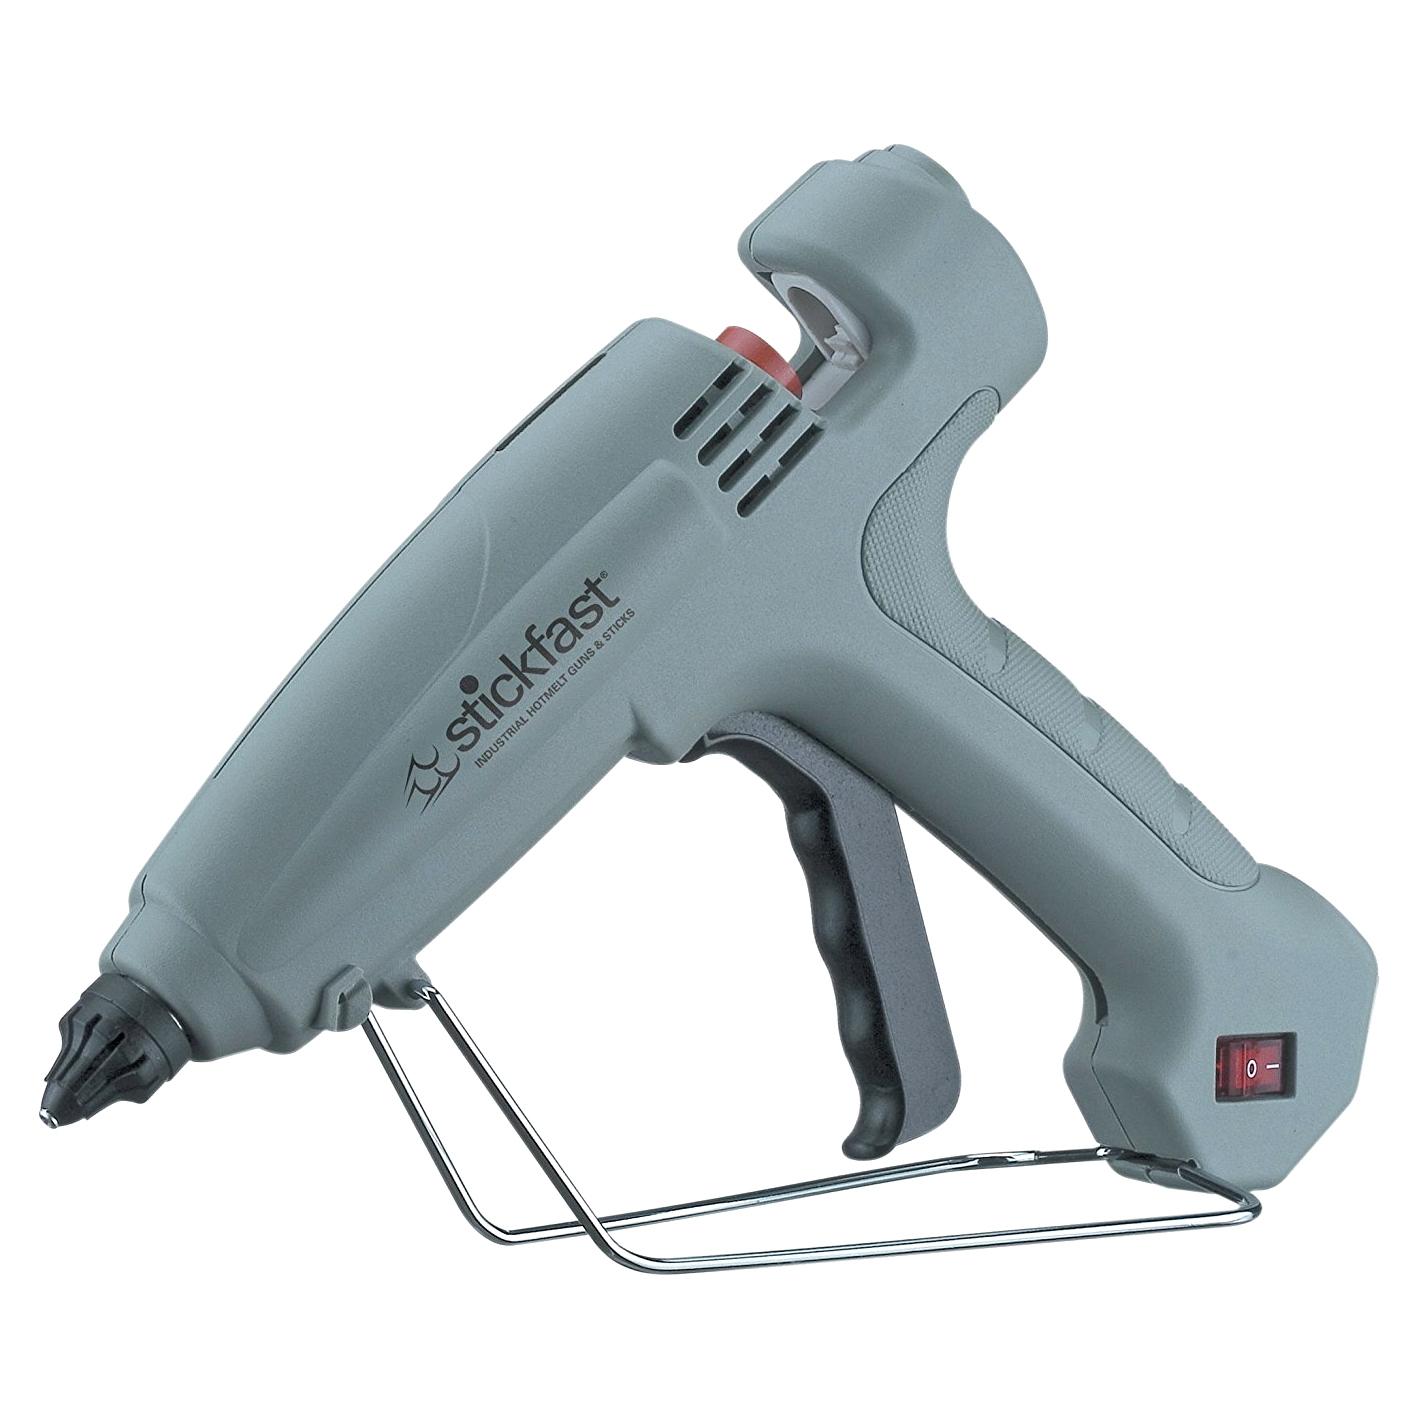 Stickfast GX-120 Glue Gun Light Duty